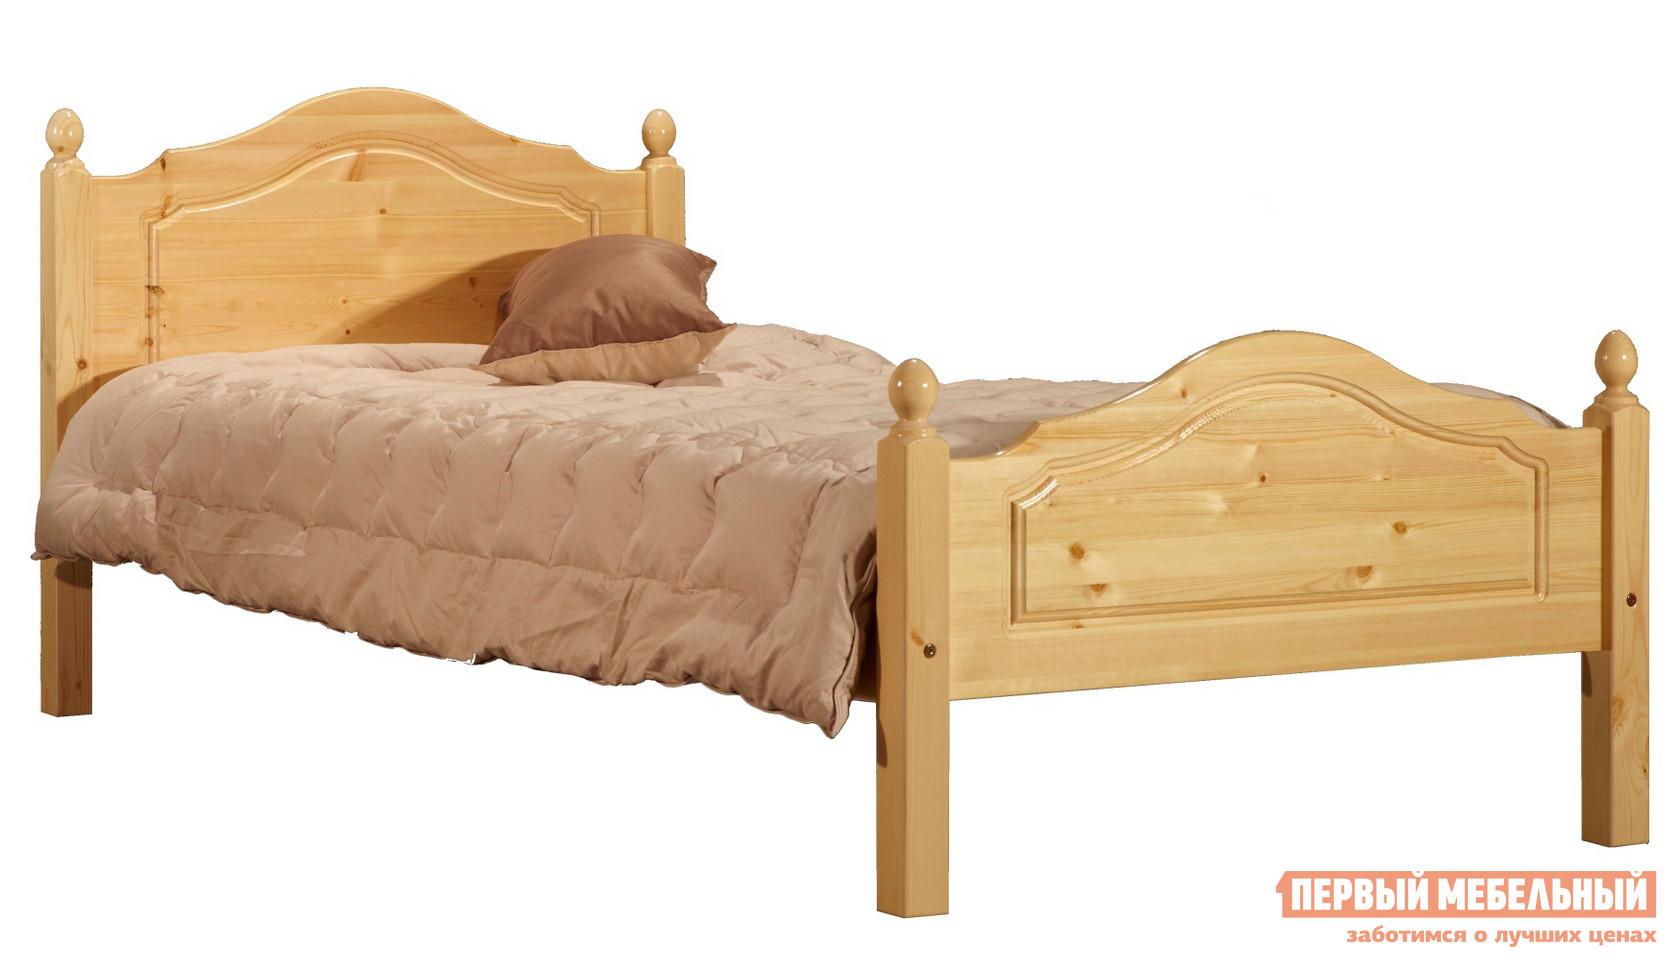 Кровать Timberica Кая (K2) Спальное место 900 Х 2000 мм, Бесцветный лак, Без матрасаОдноспальные кровати<br>Габаритные размеры ВхШхГ 870x980x2110 мм. Односпальная кровать, привлекающая комфортом, качеством и классикой стиля.  Выполнена  из натурального дерева – массива сосны – теплого, качественного и экологически чистого материала. Реечное основание входит в комплект. Обратите внимание! Необходимо выбрать удобный для вас вариант покупки кровати: с матрасом или без него.  Ознакомиться с матрасом, который входит в комплект кровати, вы можете в разделе «Аксессуары». Рекомендуемый размер матраса – 900 х 2000 мм.<br><br>Цвет: Бесцветный лак<br>Цвет: Светлое дерево<br>Высота мм: 870<br>Ширина мм: 980<br>Глубина мм: 2110<br>Кол-во упаковок: 2<br>Форма поставки: В разобранном виде<br>Срок гарантии: 1 год<br>Тип: Простые<br>Материал: Деревянные, Из натурального дерева<br>Порода дерева: из сосны<br>Размер: Спальное место 90х200 см<br>Особенности: С ортопедическим основанием, На ножках, С матрасом